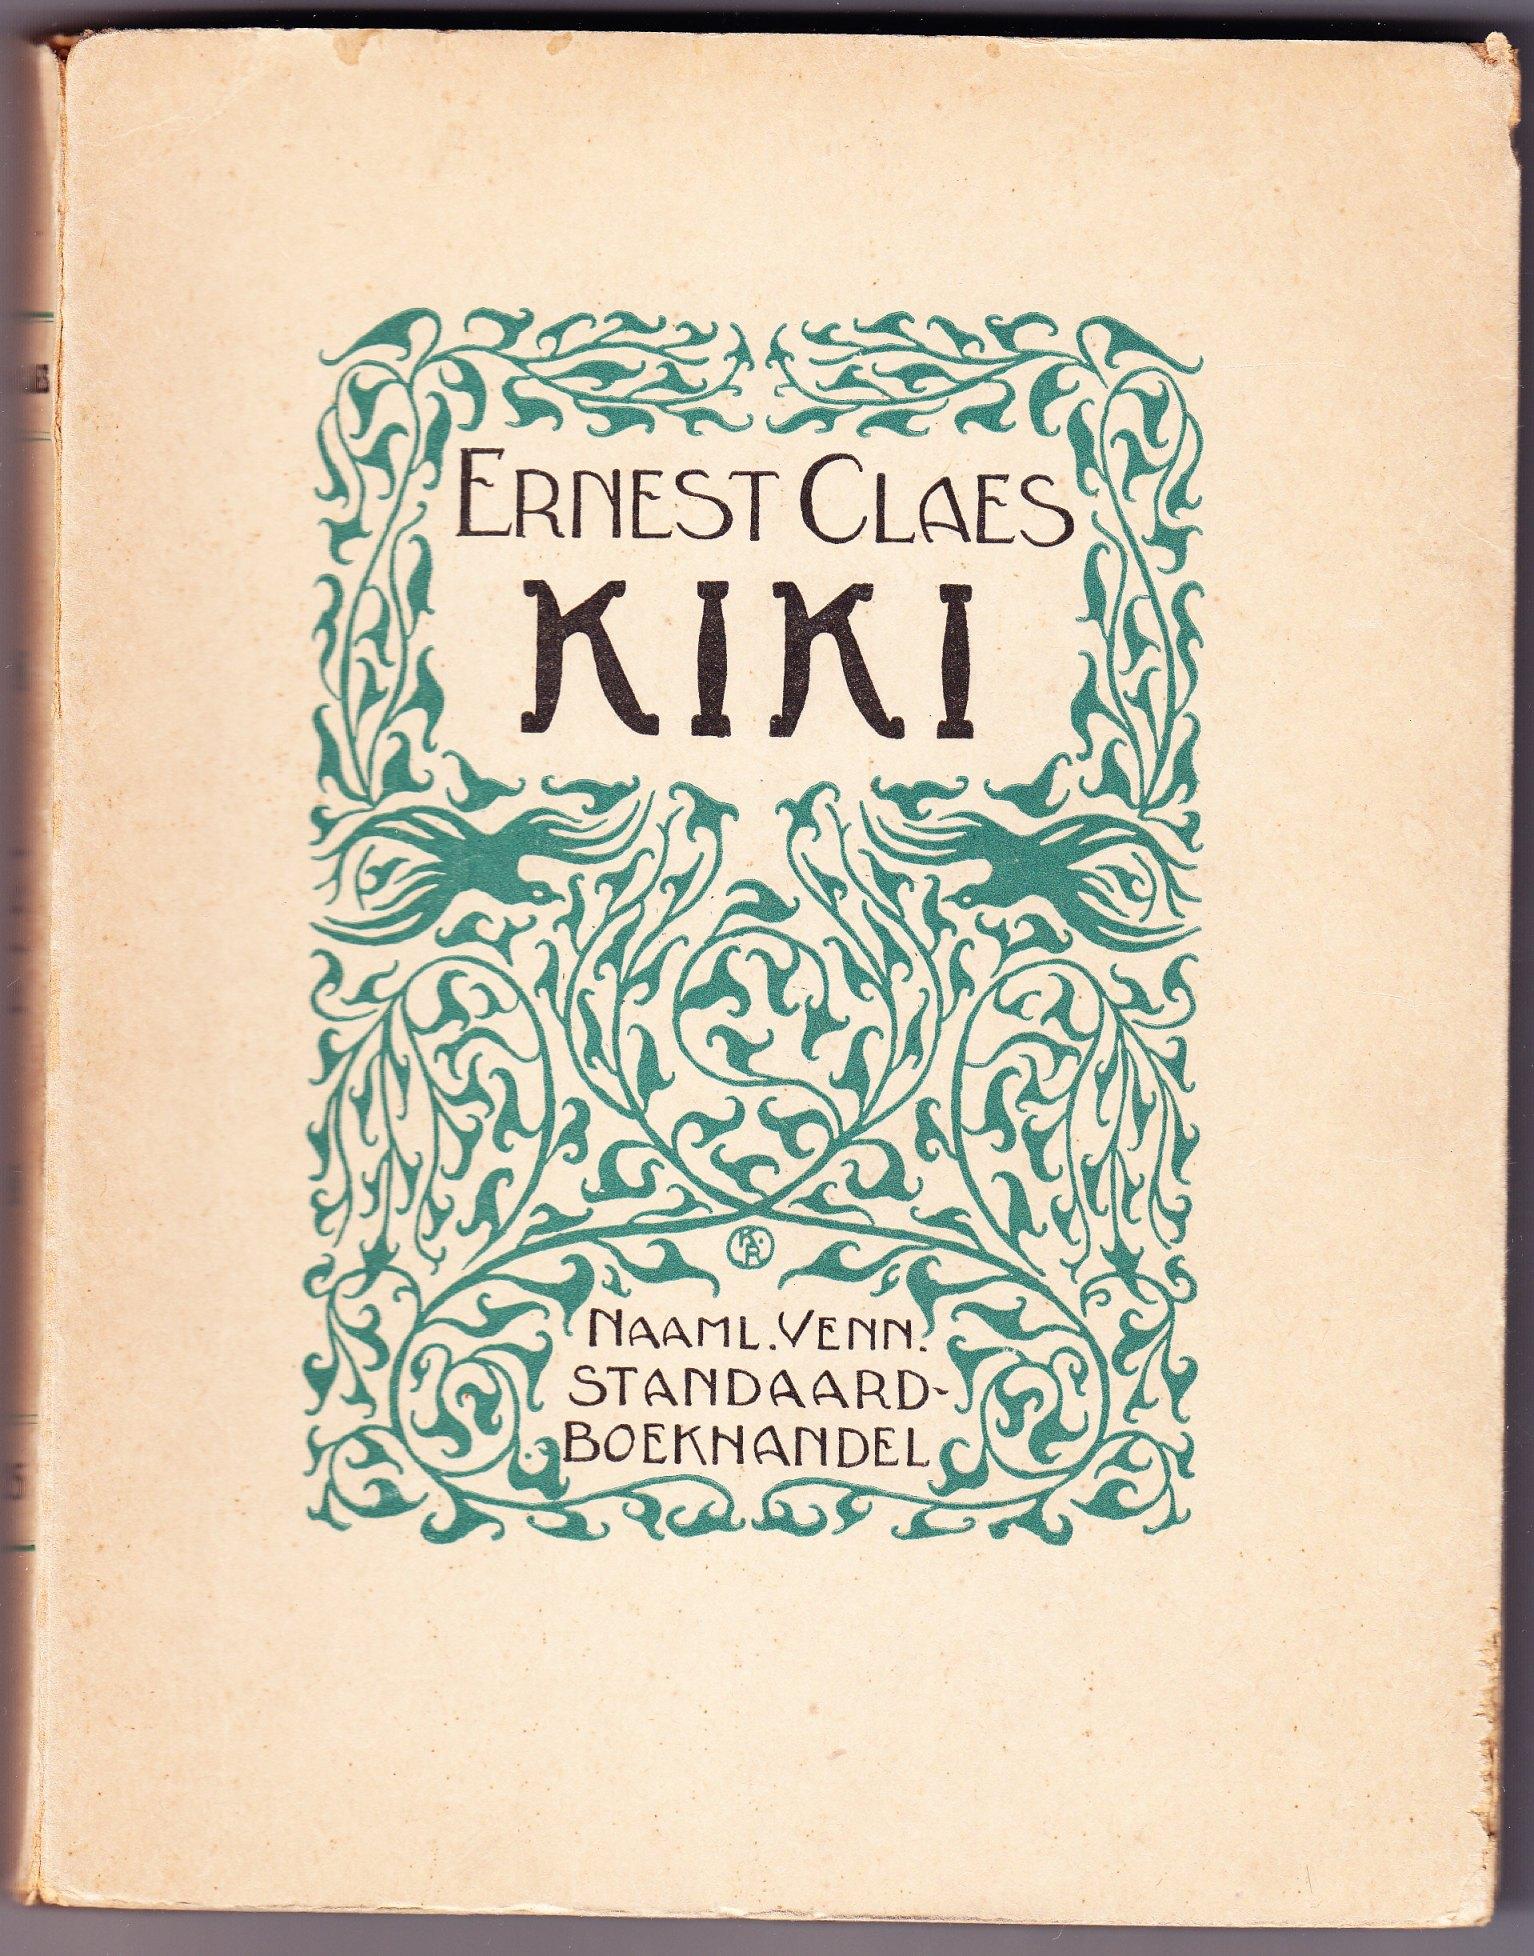 Claes Ernest Schrijversgewijs